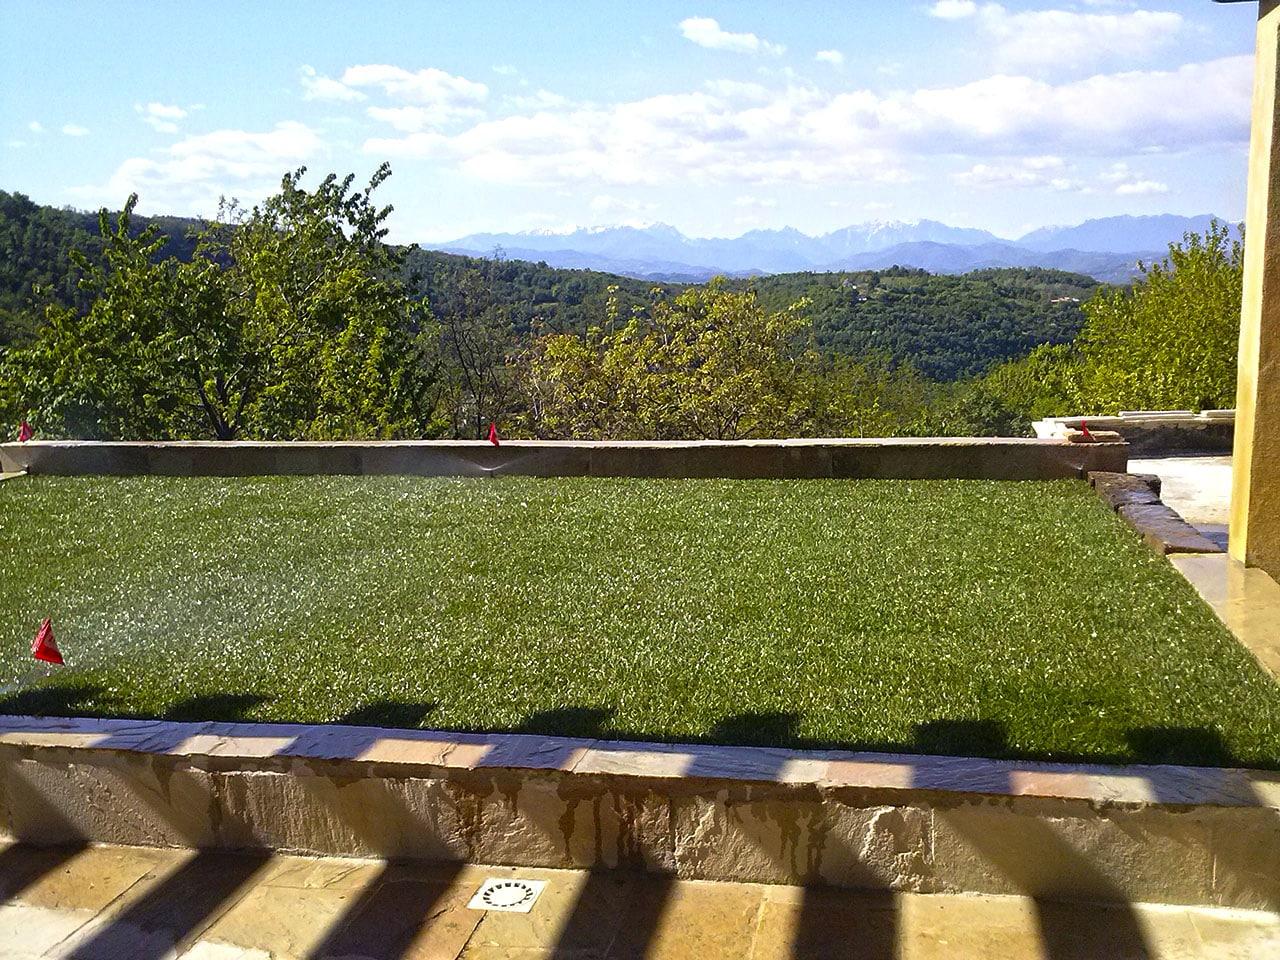 Realizzazione giardini pensili trifolium giardini vicenza - Terrazzi e giardini pensili ...